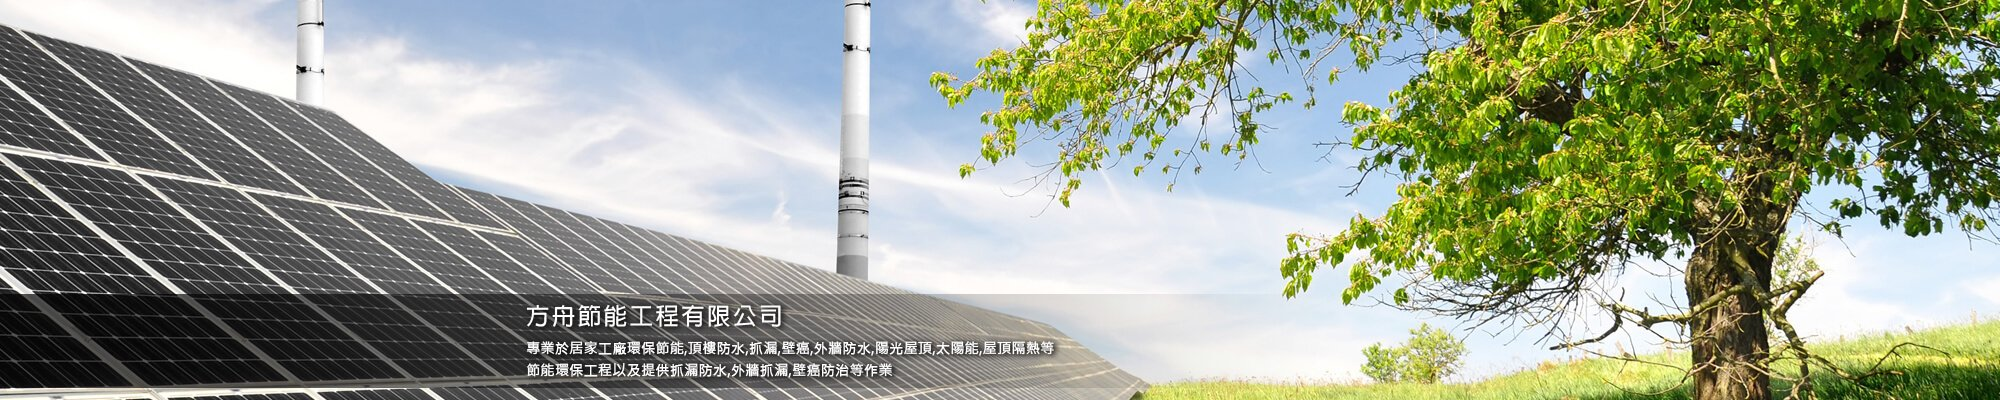 居家工廠環保節能,頂樓防水,抓漏,壁癌,外牆防水,陽光屋頂,太陽能,屋頂隔熱